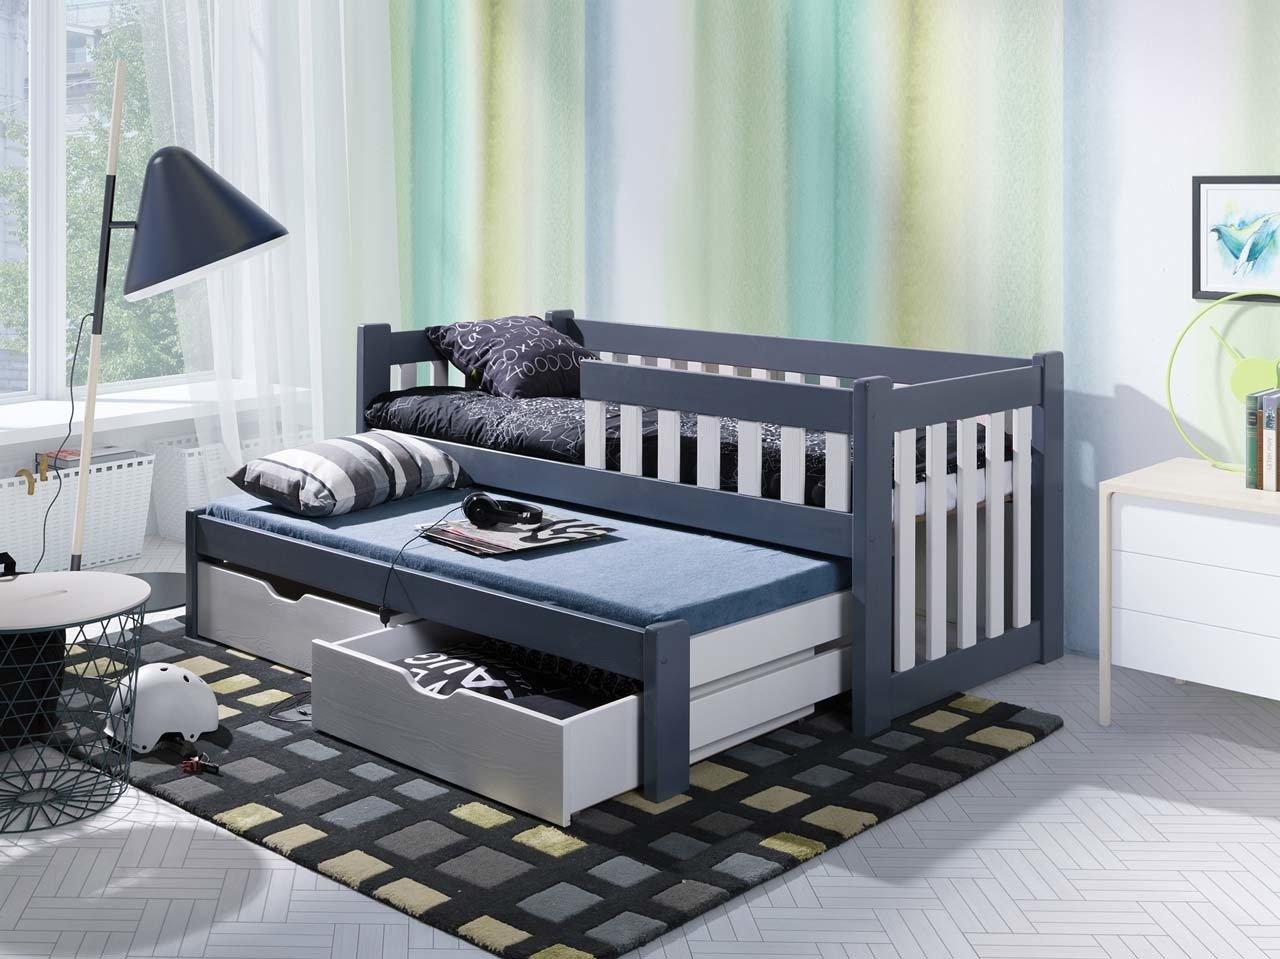 łóżko Filip Ii Dwuosobowe Z Barierką Jednopoziomowe Z Materacami